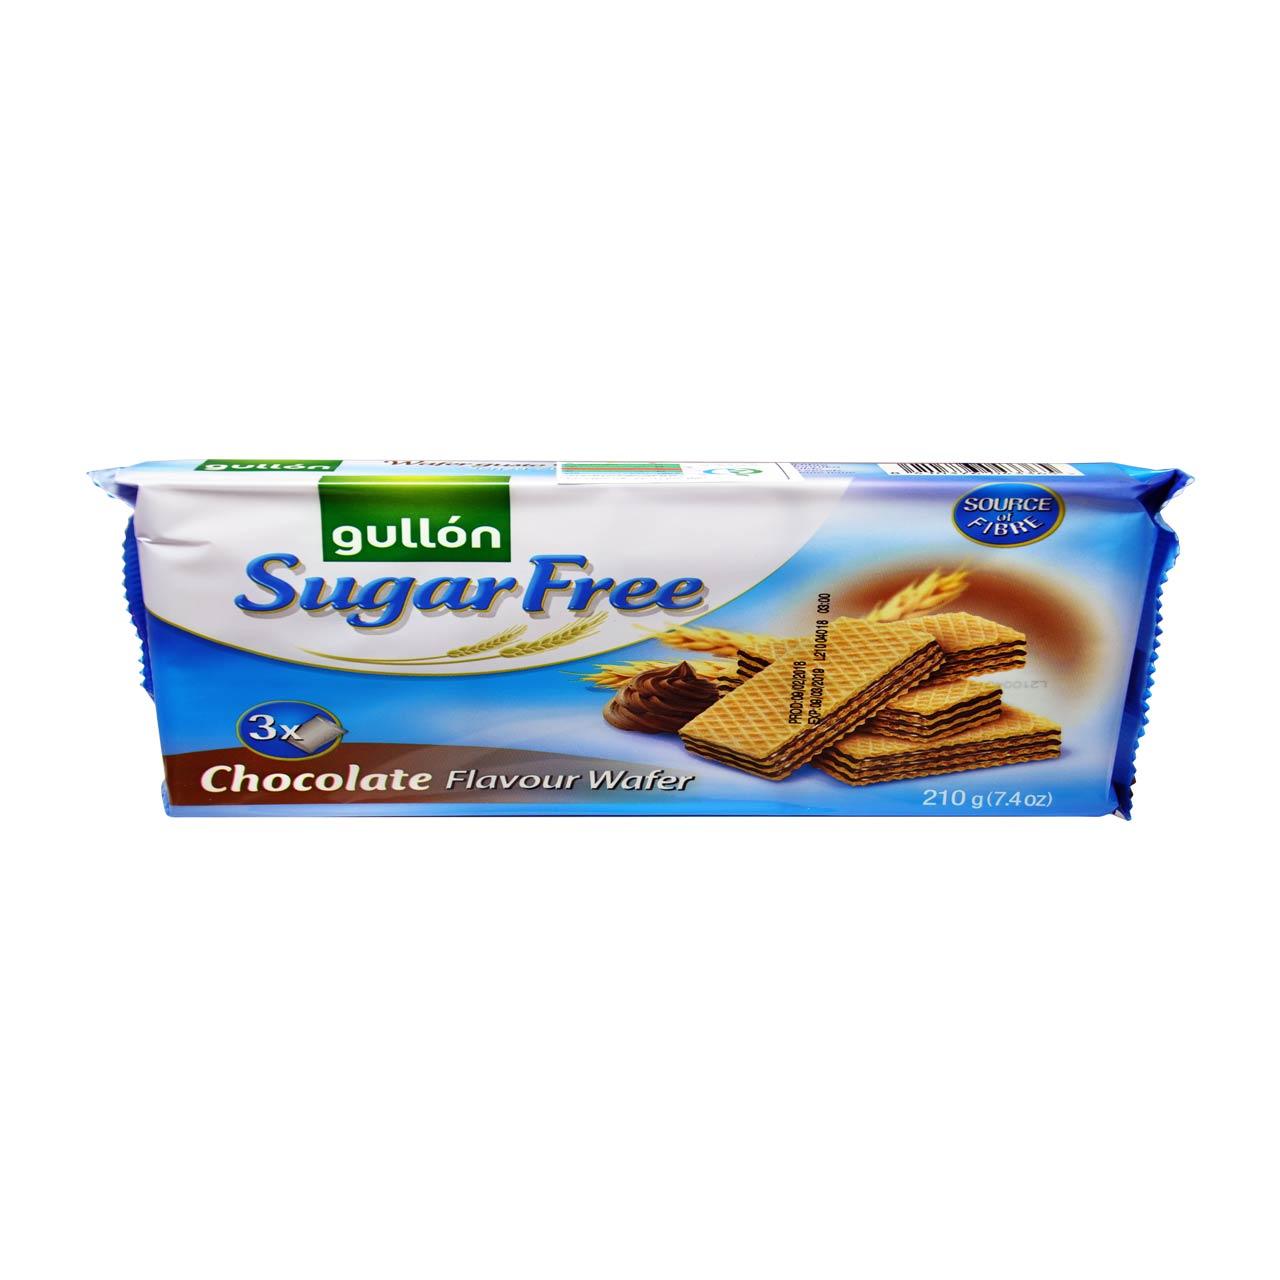 ویفر شکلاتی بدون شکر گولون – gullon